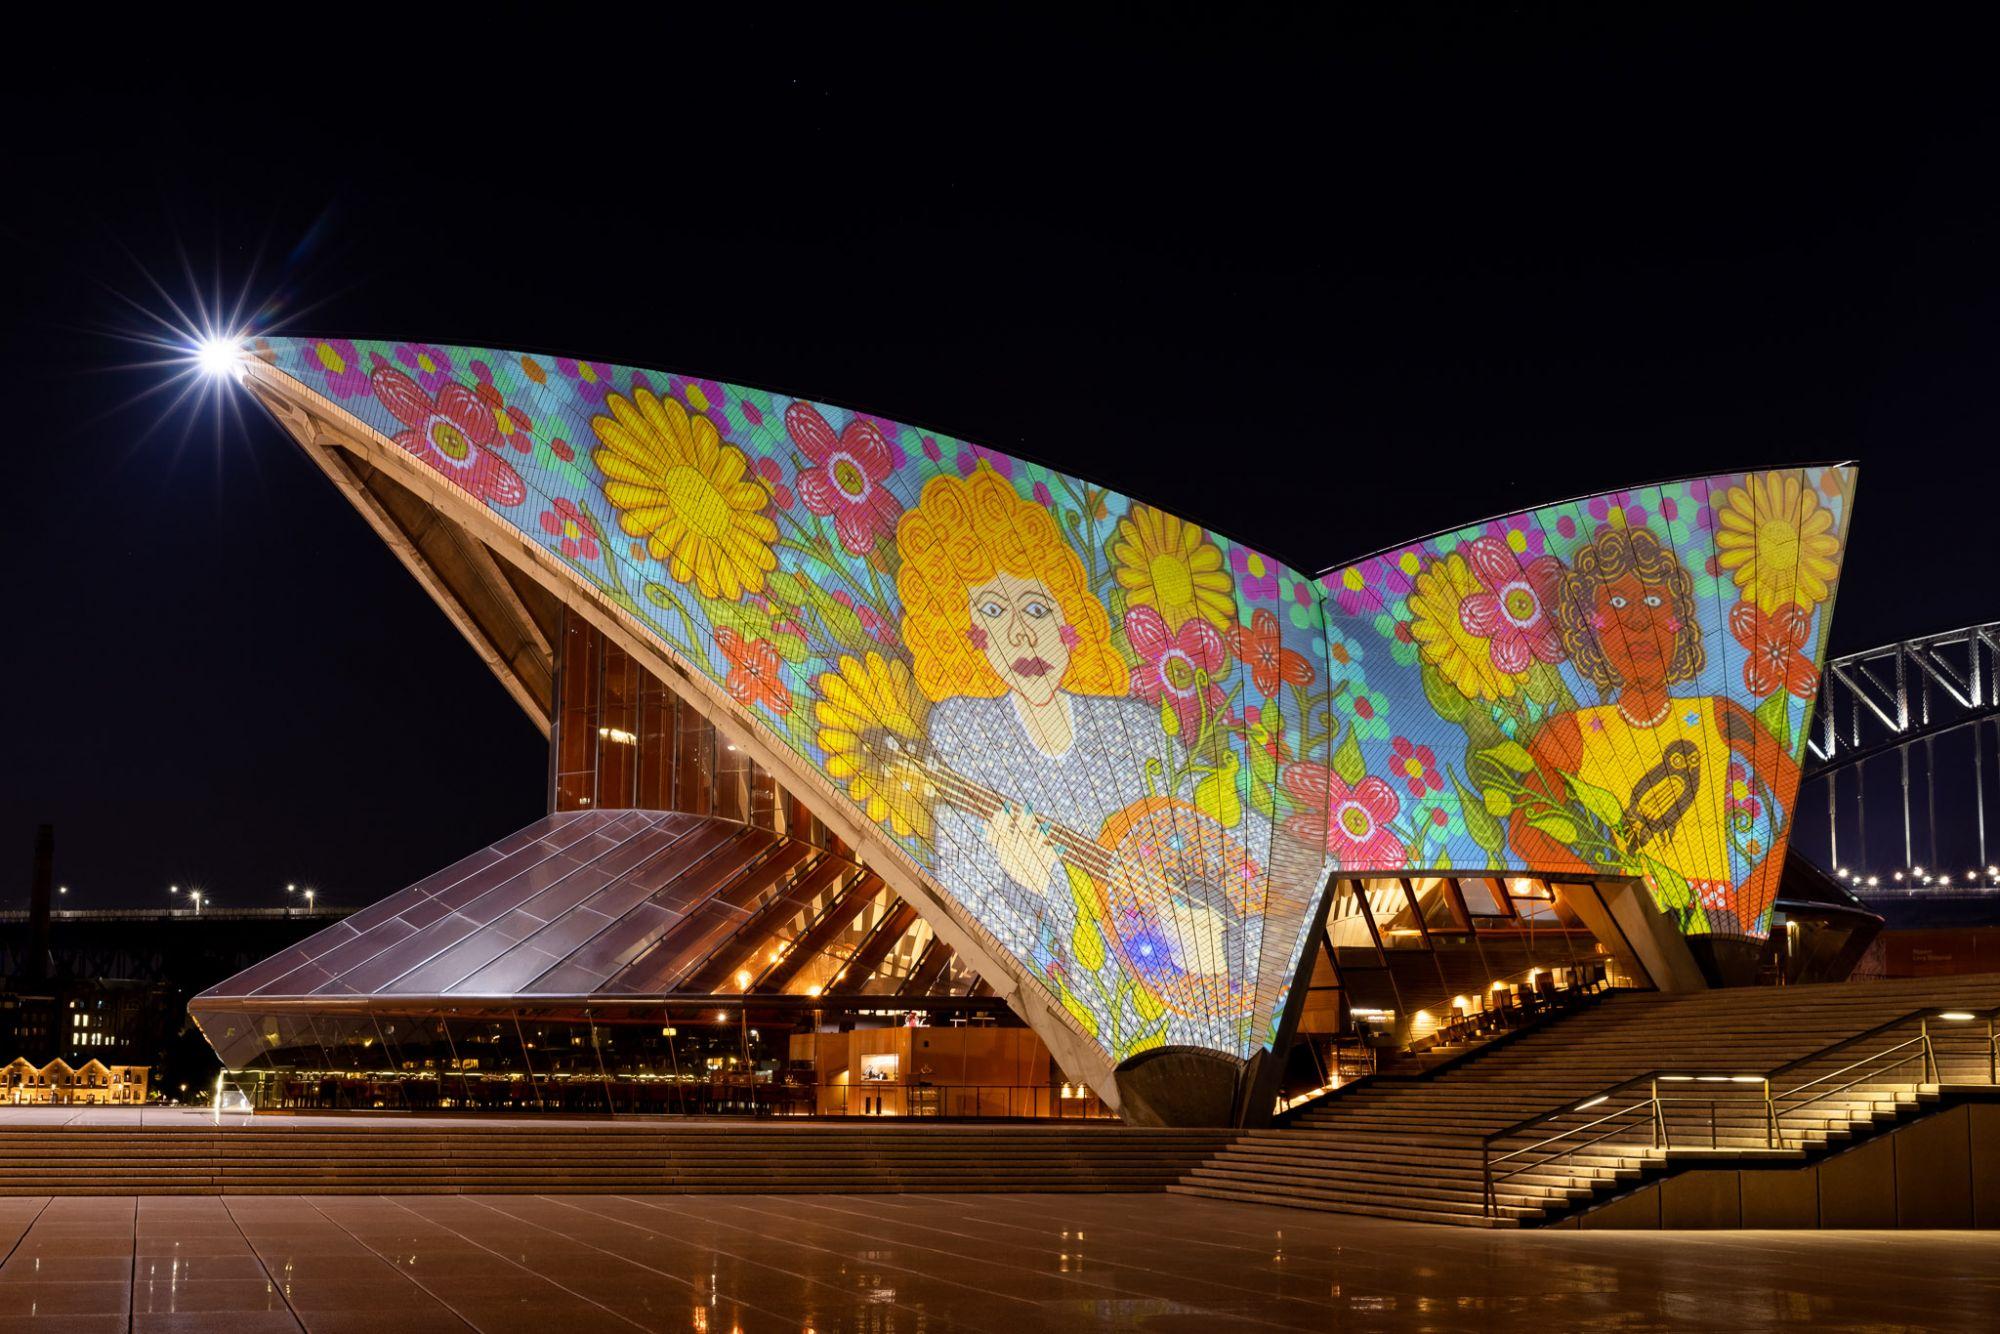 雪梨歌劇院絕美藝術燈光秀 頌揚原住民文化,慶祝澳洲新州藝術博物館 150 週年紀念!